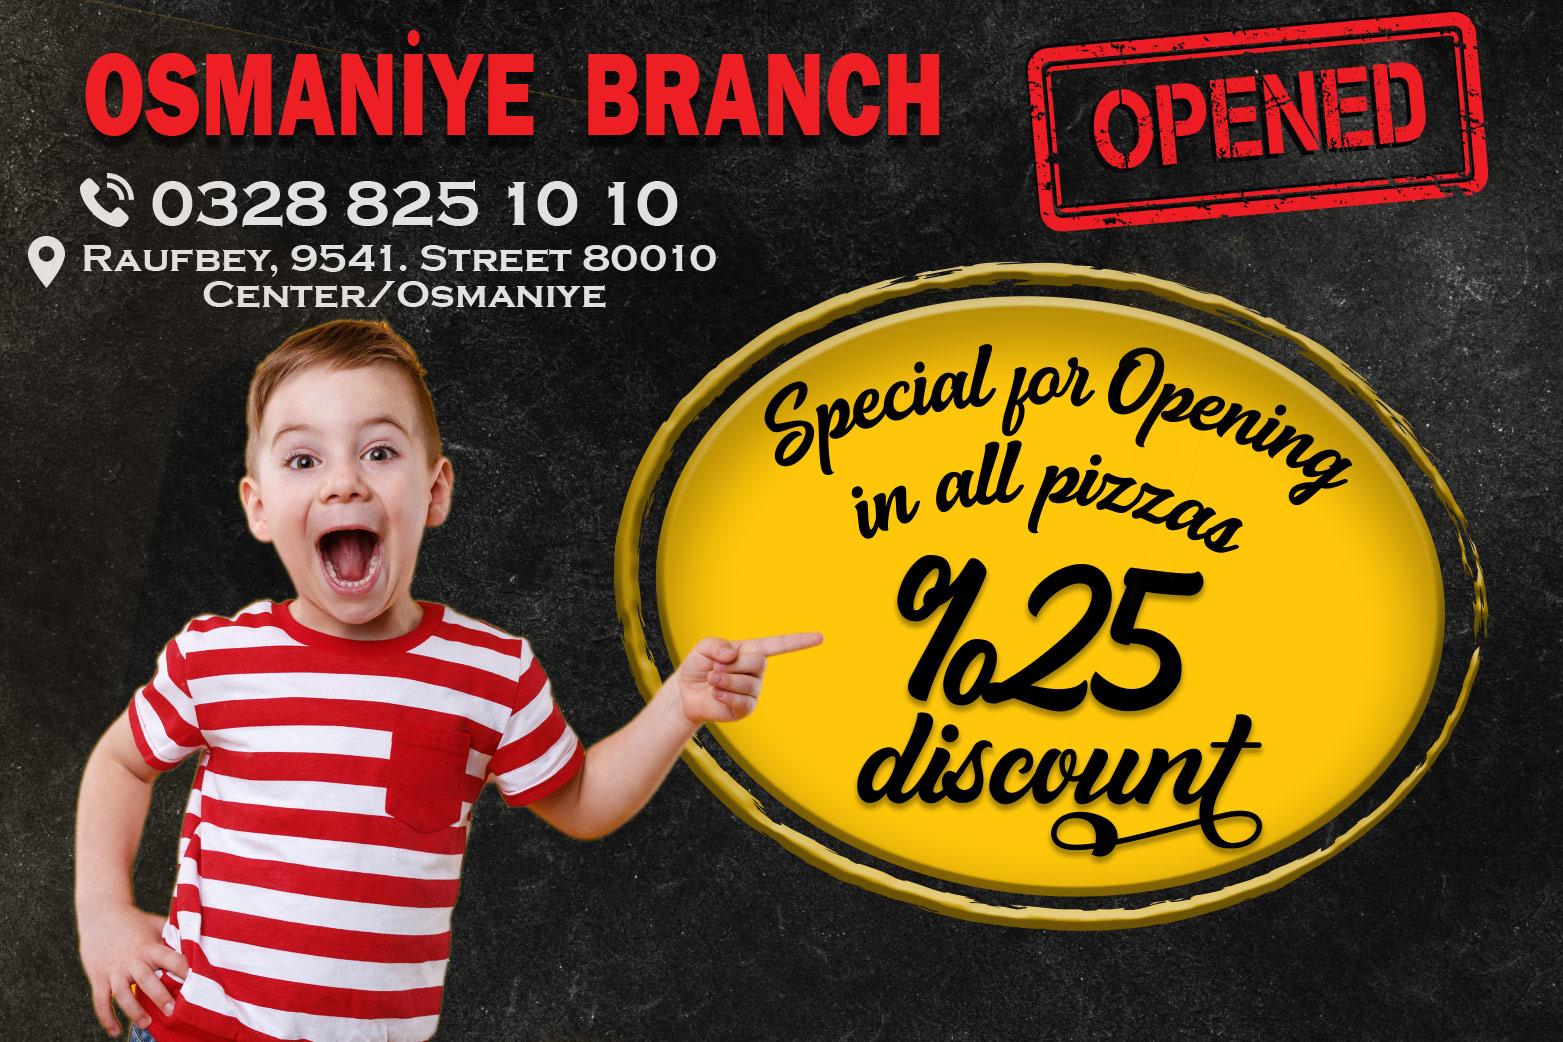 Osmaniye Branch Opened